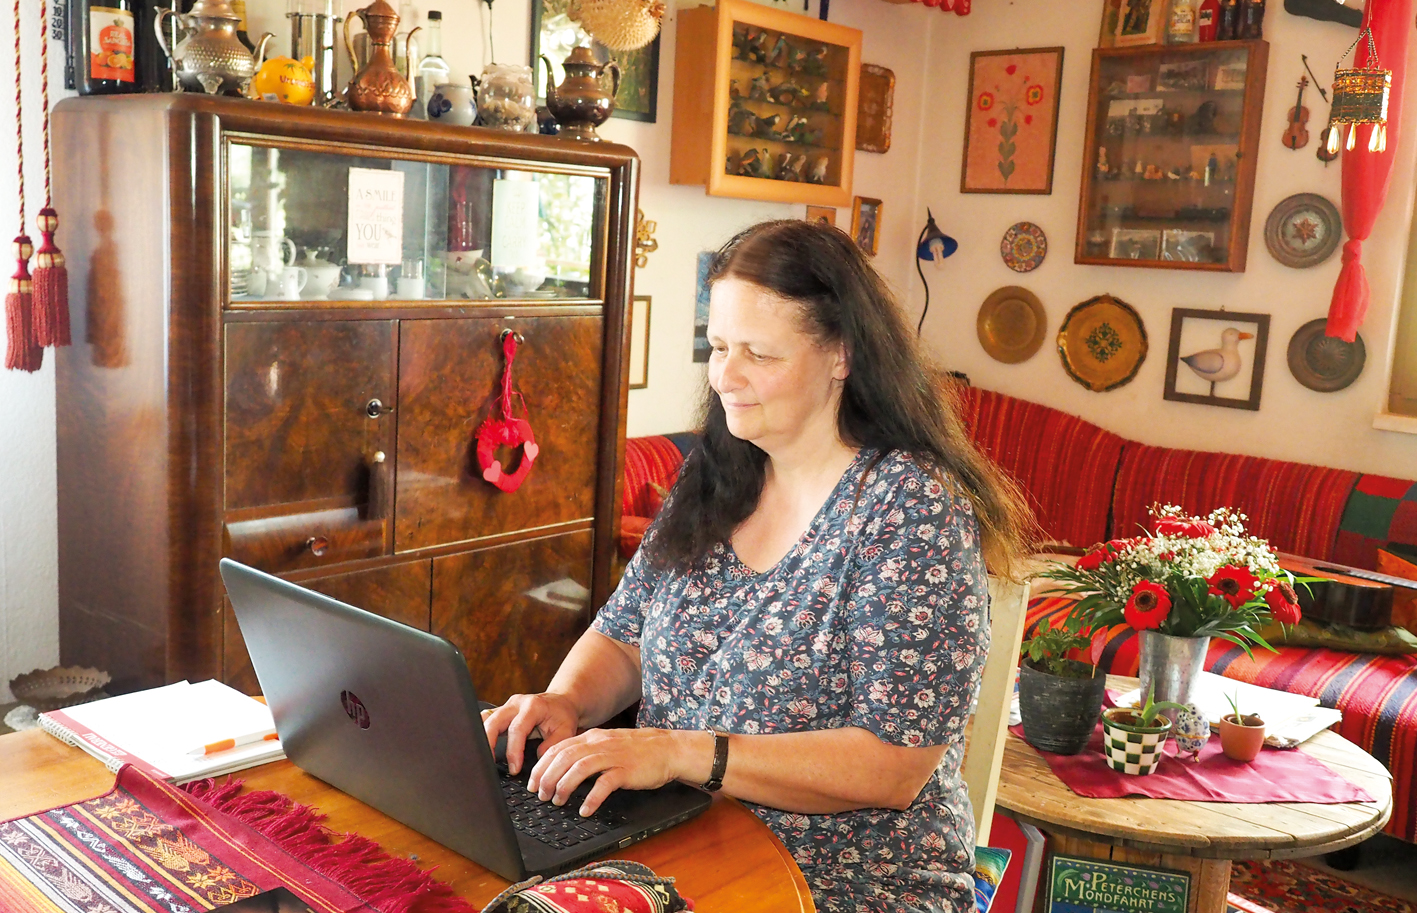 Christine Walch hat schon als Kind Geschichten geschrieben, die sich in fernen Ländern abspielten. In ihrer Stube in Ludesch ist nun ihr erster Roman entstanden.